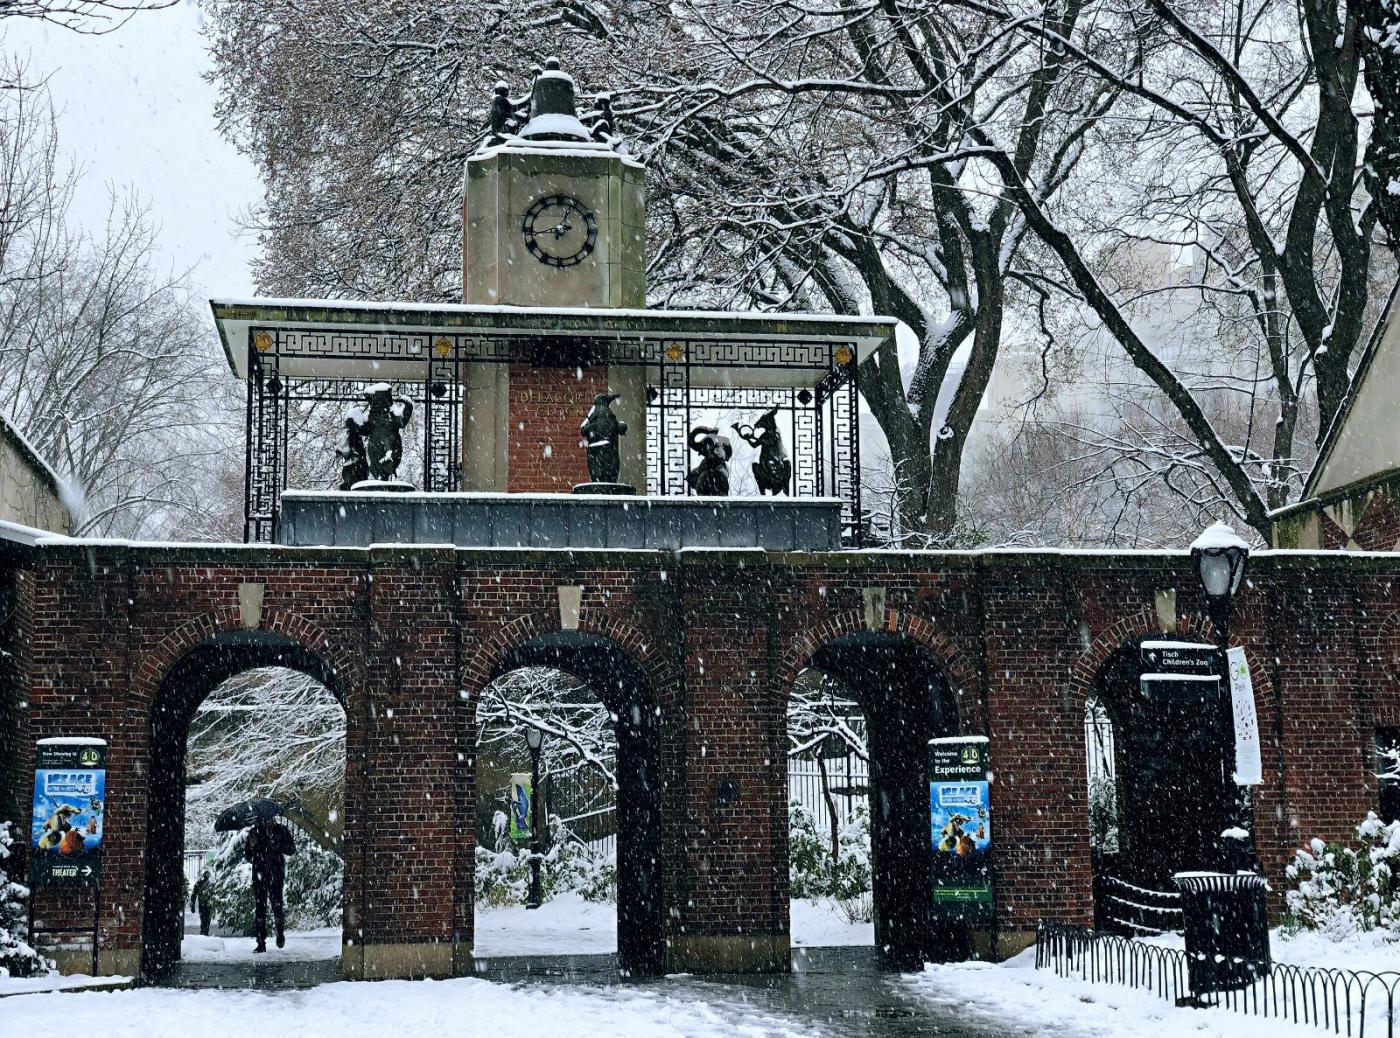 【田螺手机摄影】在纽约市拍雪景、还是中央公园最漂亮_图1-12